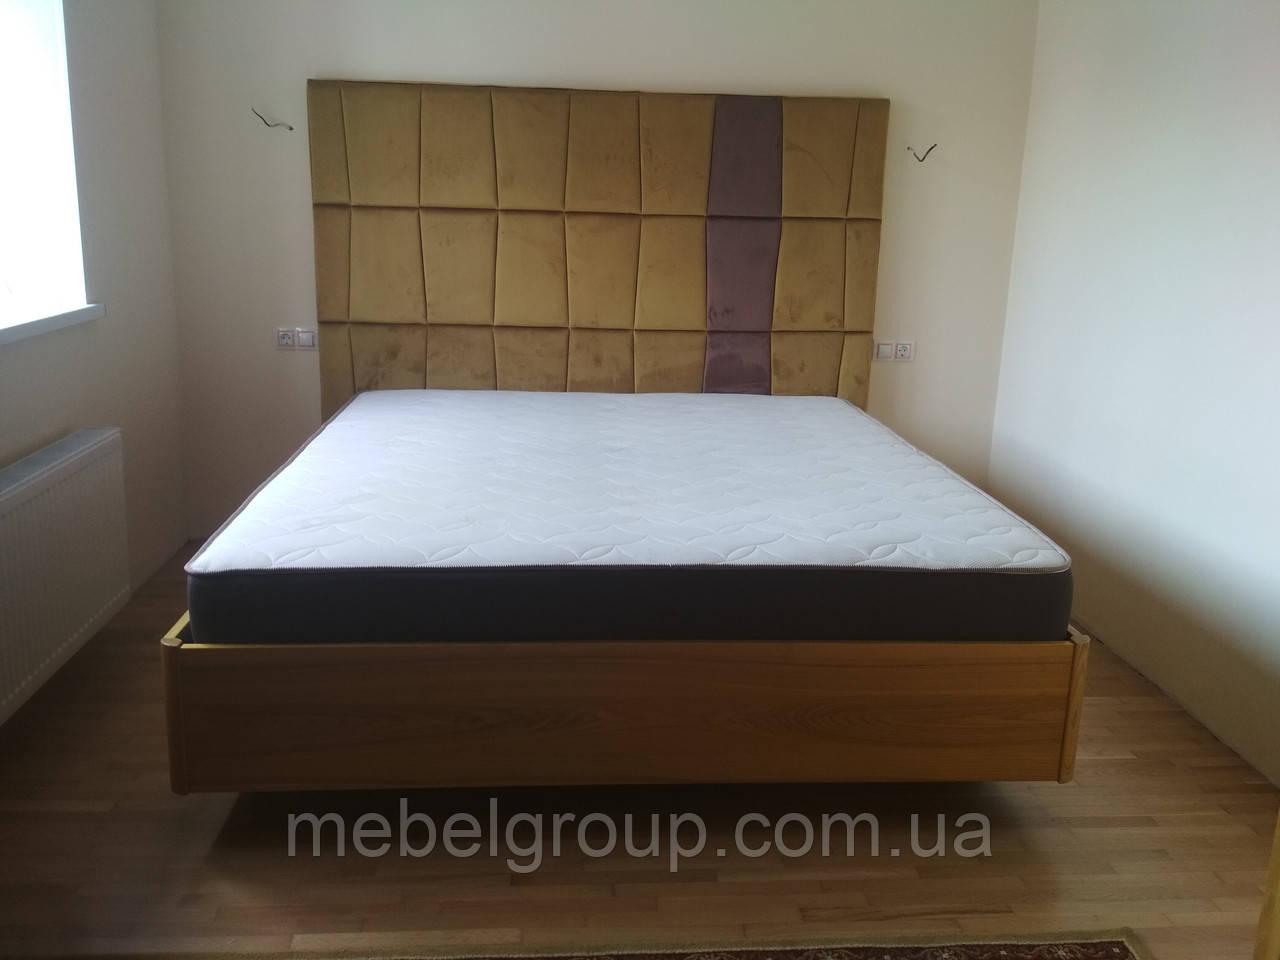 Парящая кровать Комби,  160*200 с механизмом